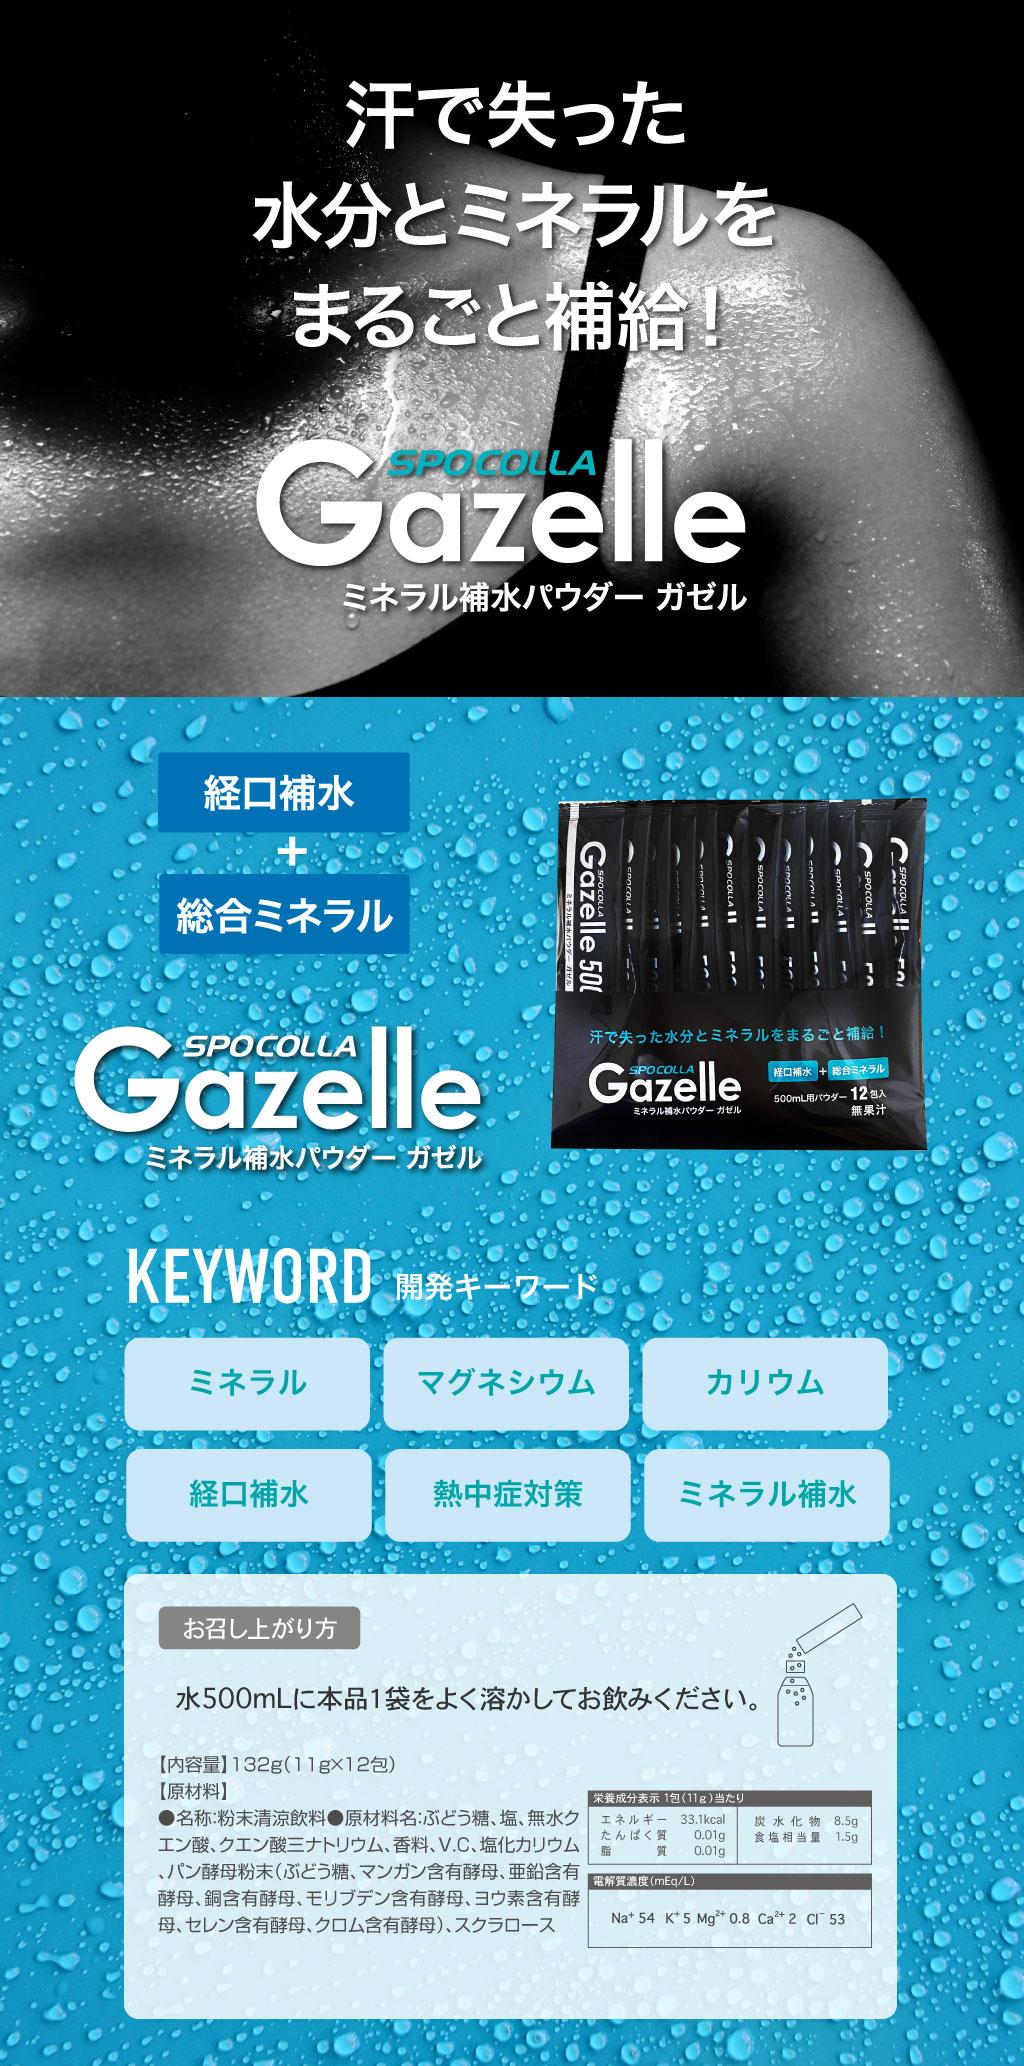 Gazelle 詳細